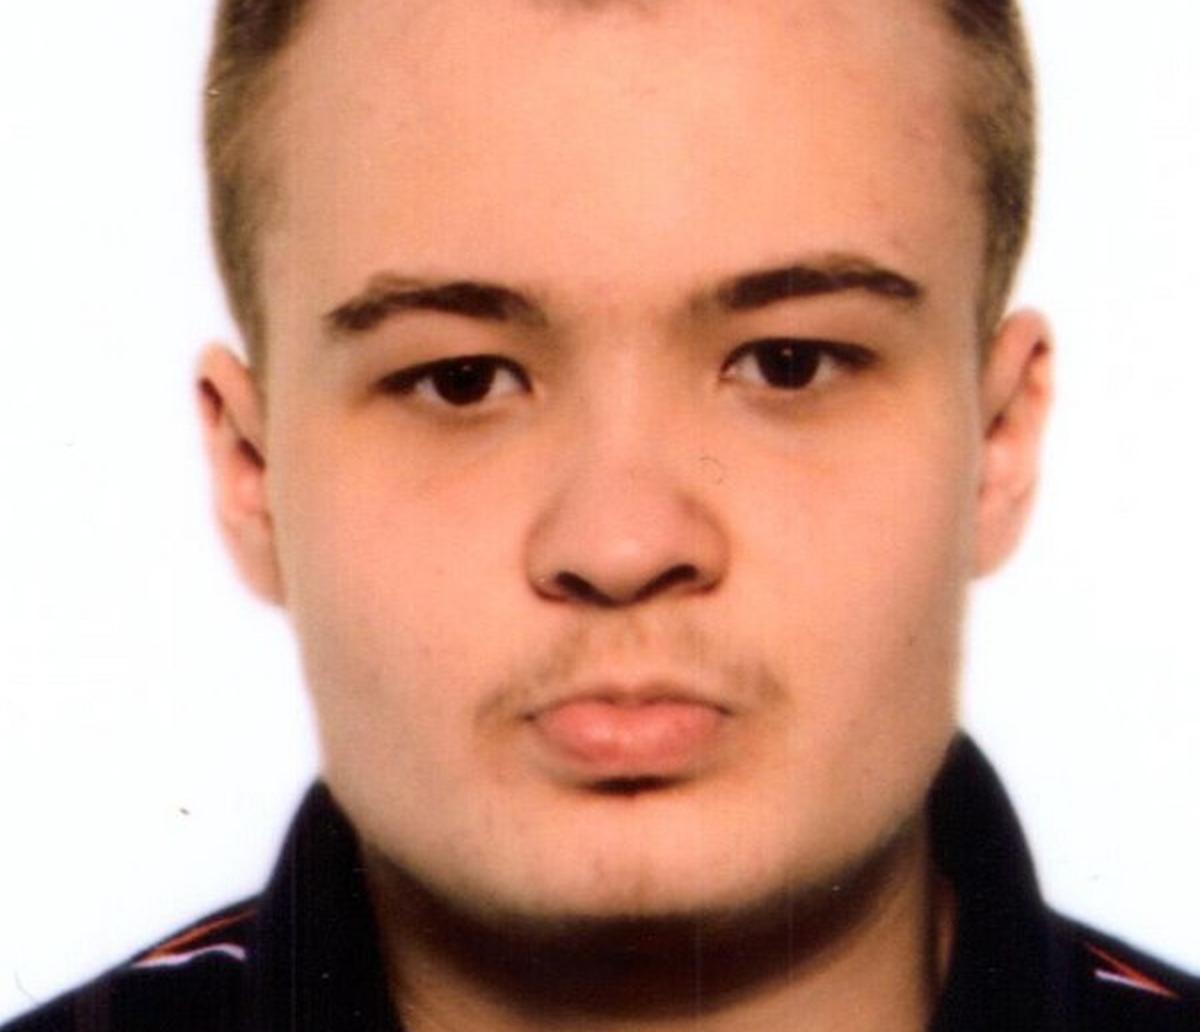 GDJE JE? Prije više od mjesec dana nestao je 17-godišnji Tomislav